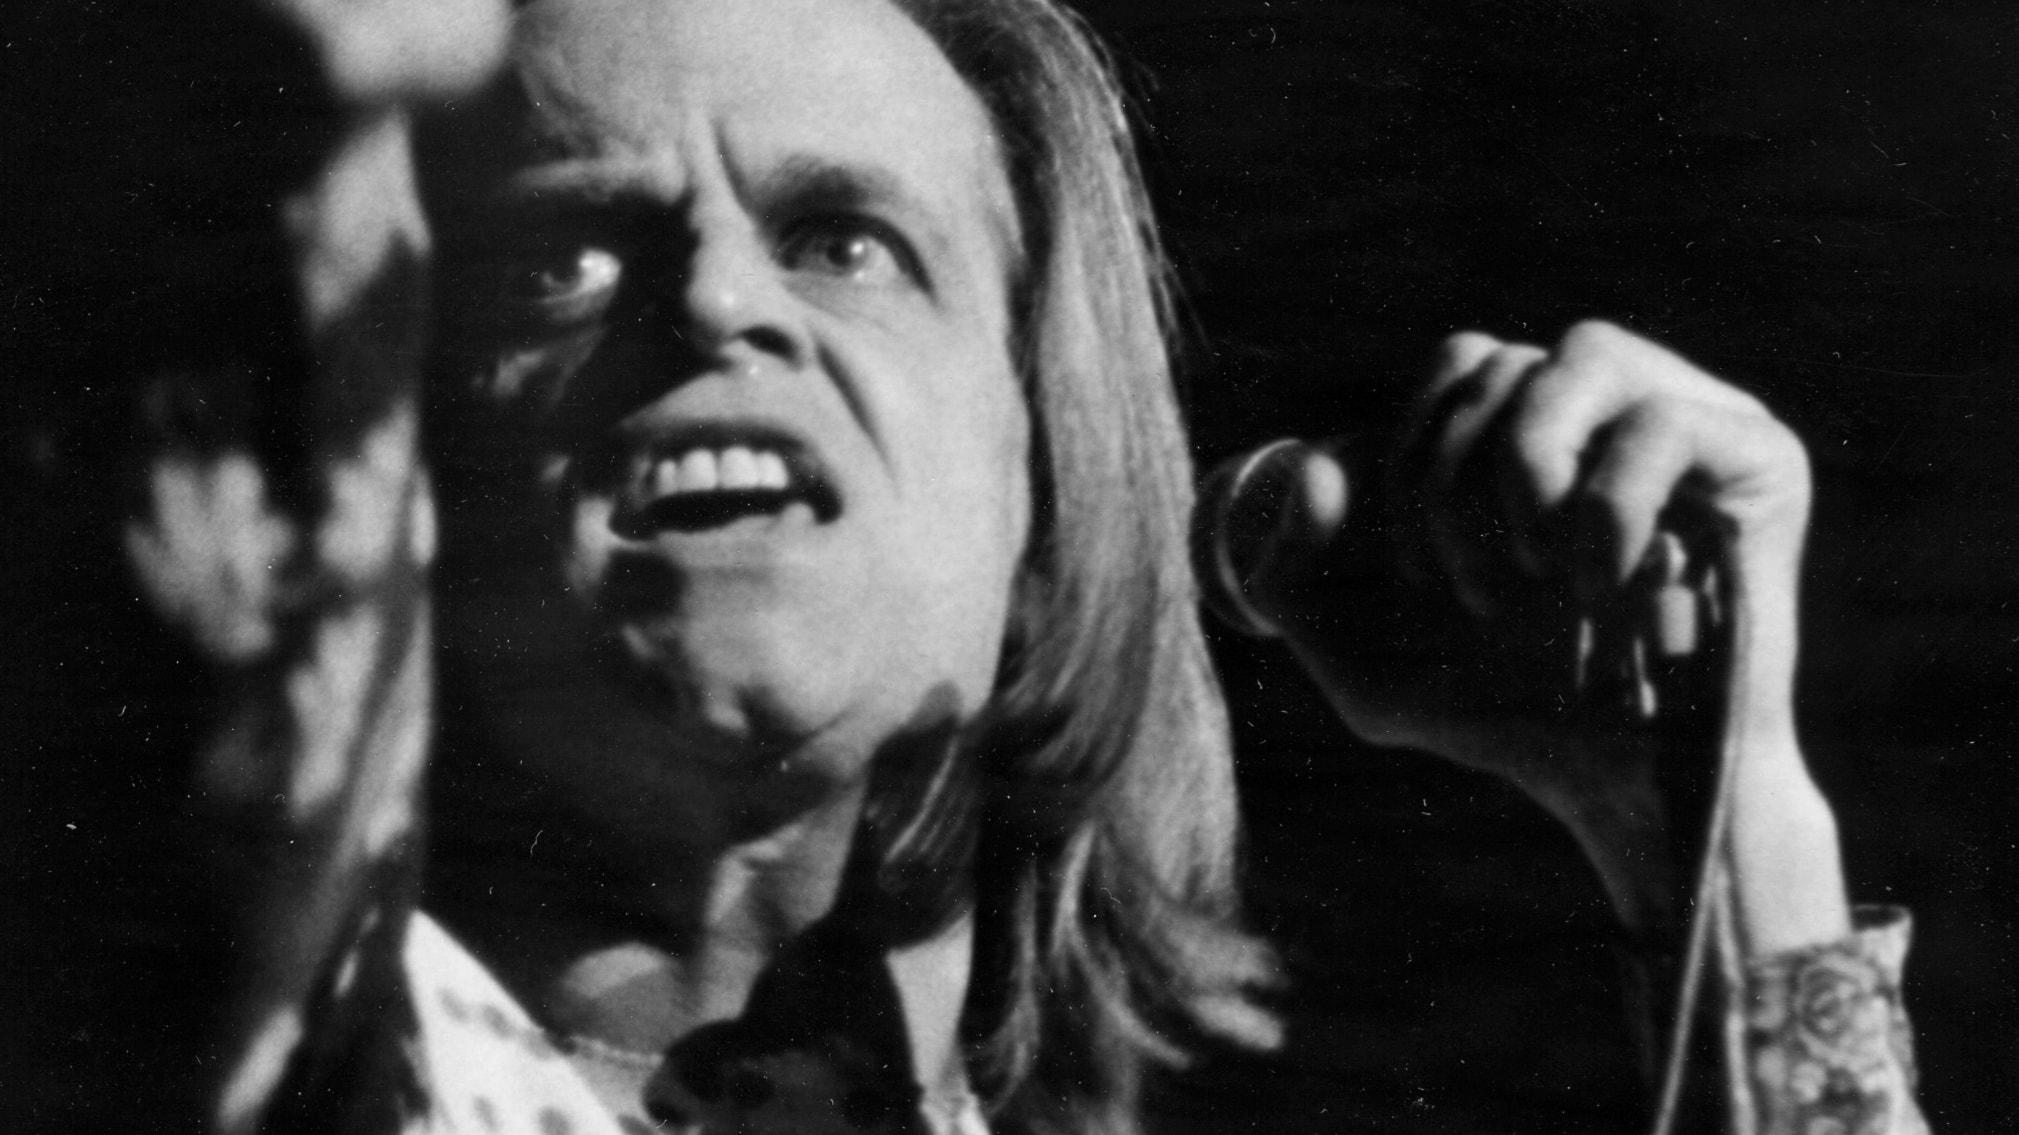 Skådespelaren Klaus Kinski